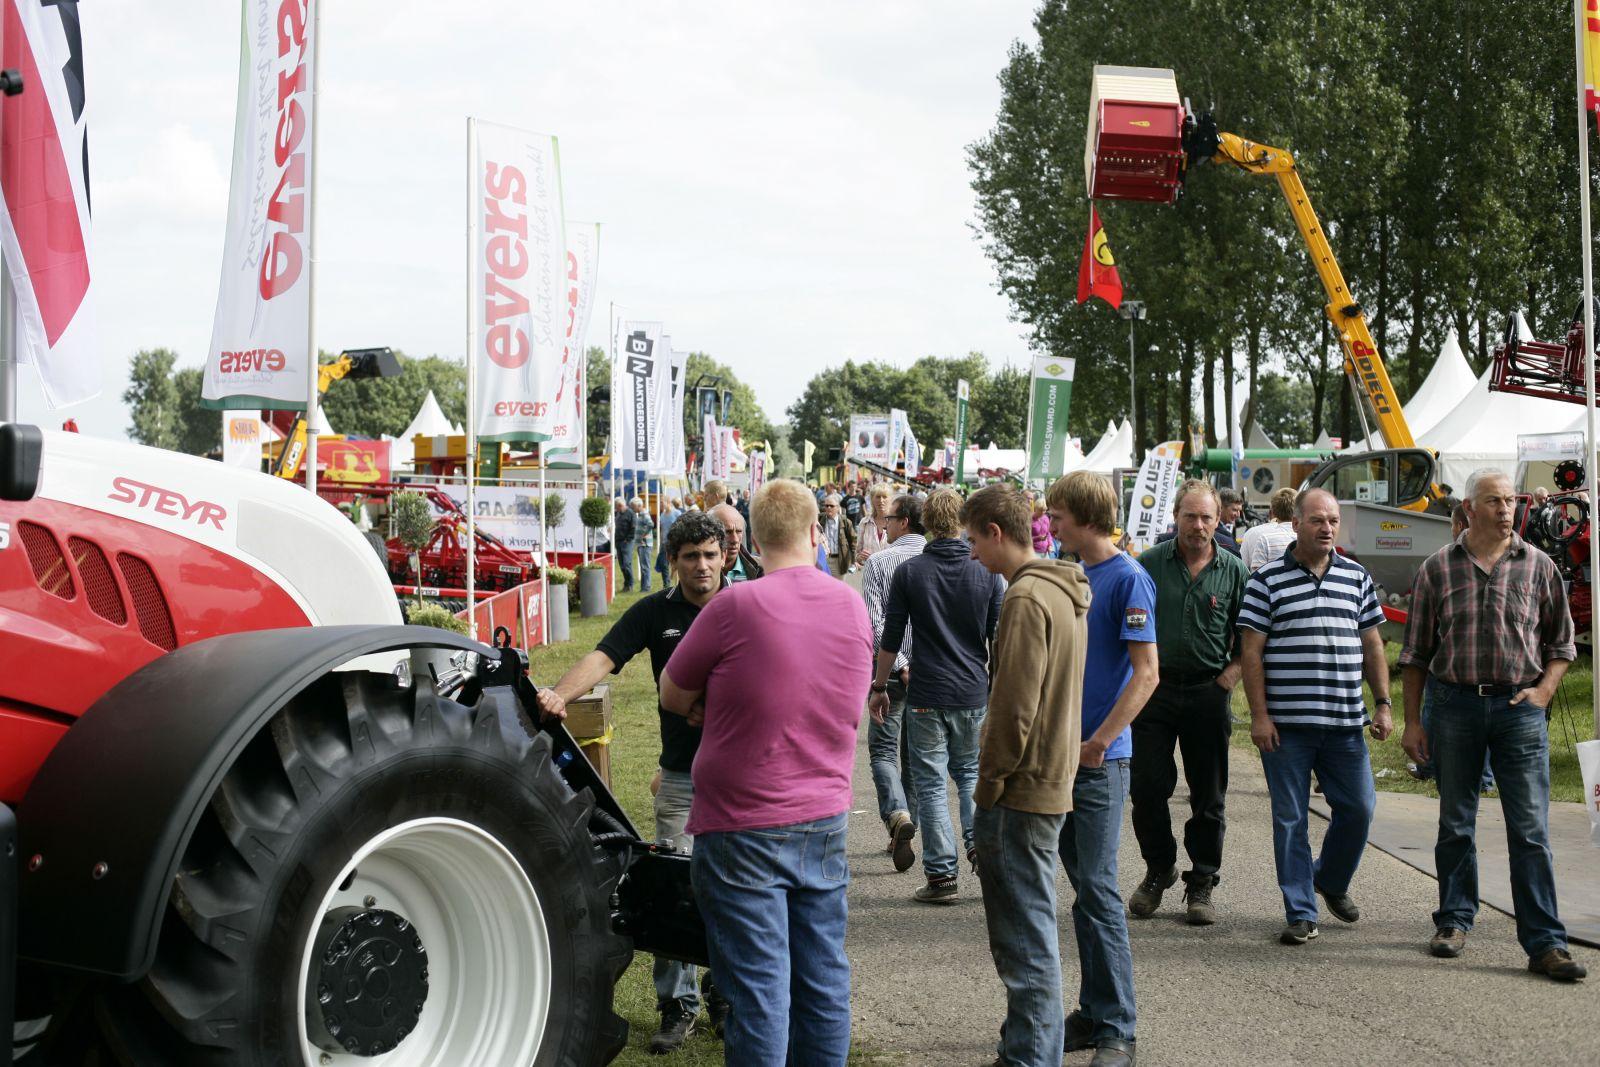 Didata aanwezig op AgroTechniek Holland